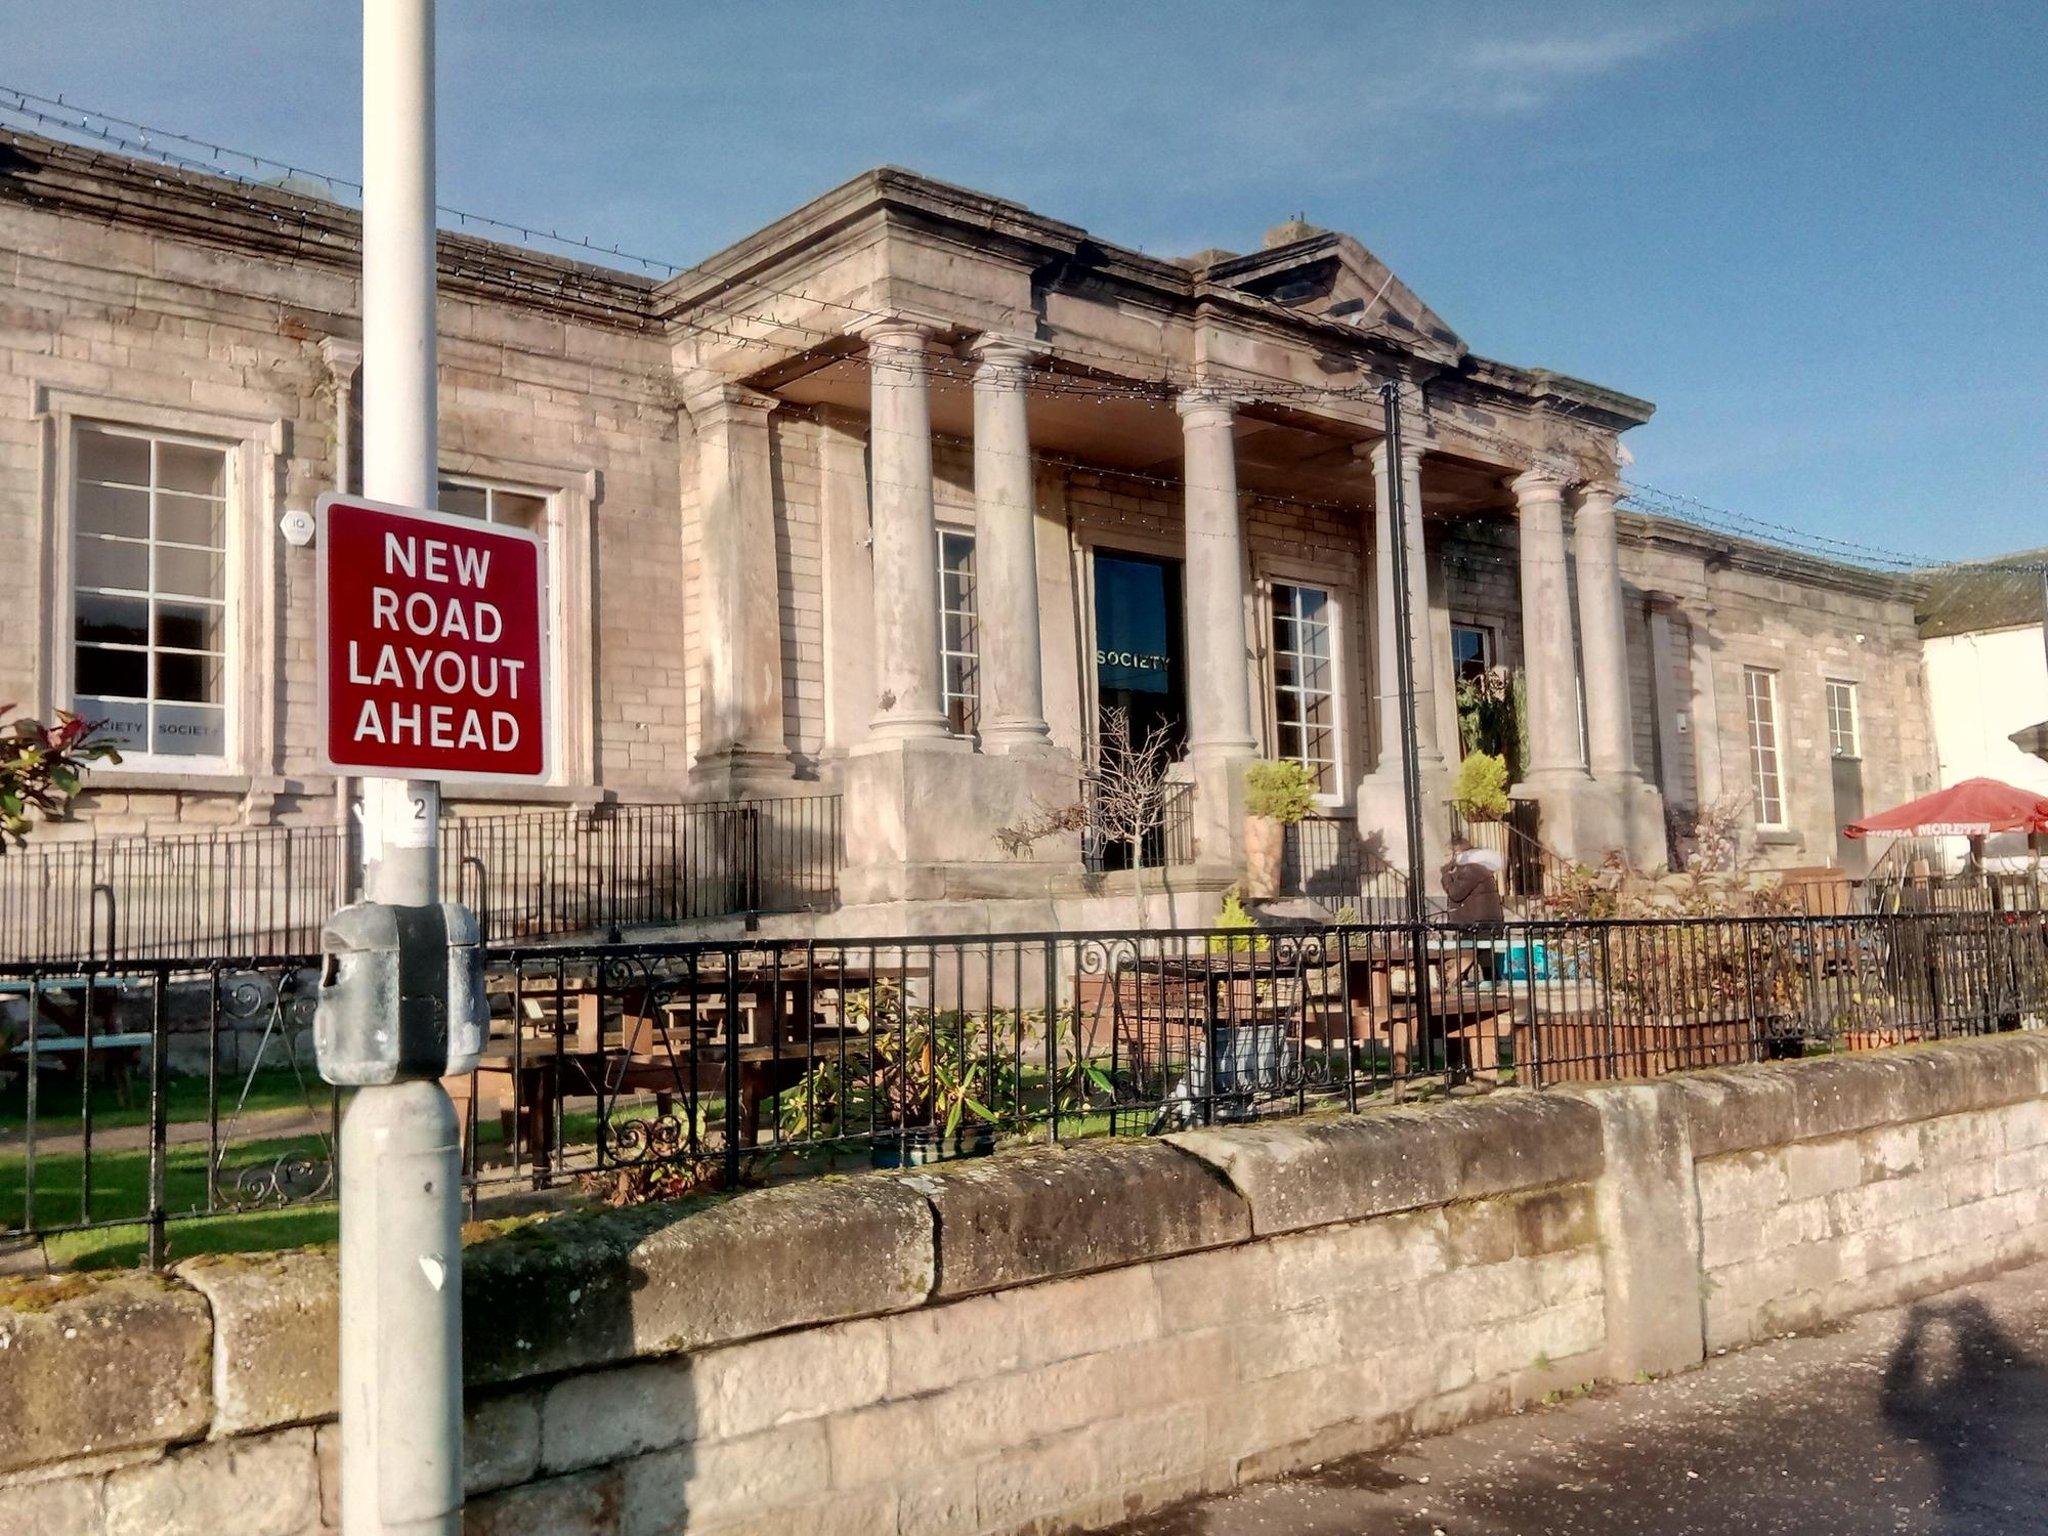 Klub malam Fife di jantung klaim 'sabotase yang disengaja' akan dibuka kembali